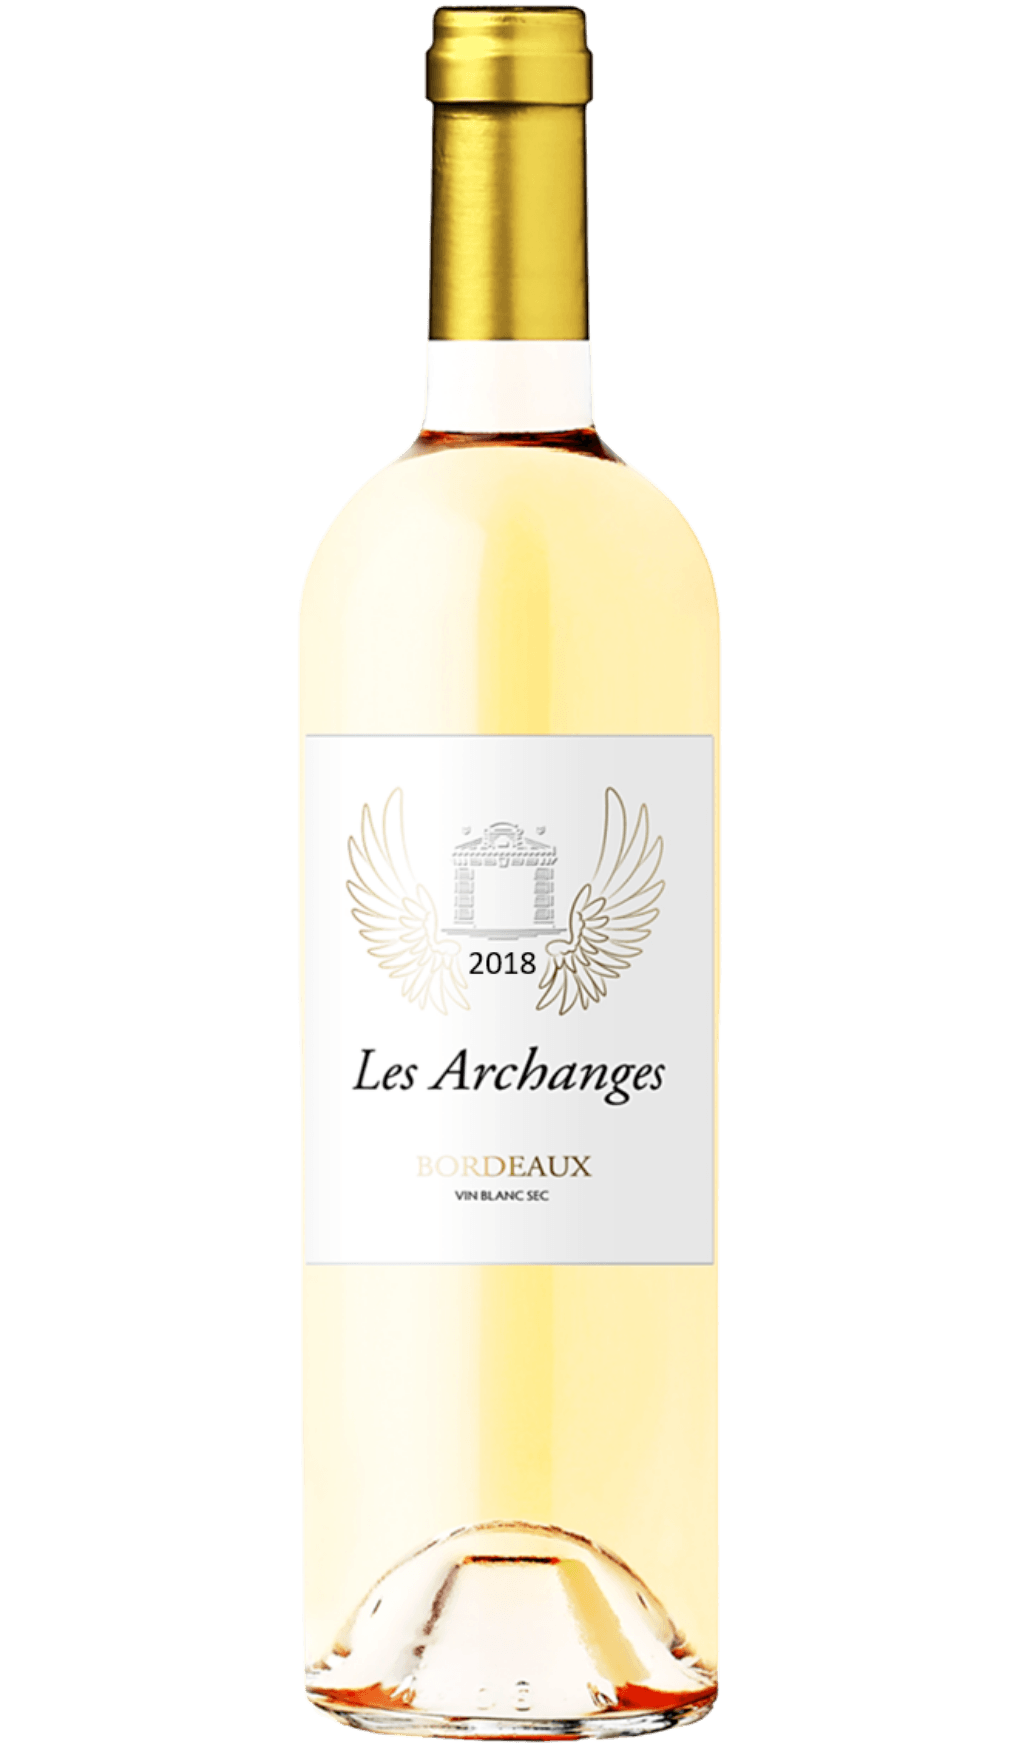 Bouteille de vin : Archanges Blanc 2018 Bordeaux Vin blanc sec du Château d'Arche